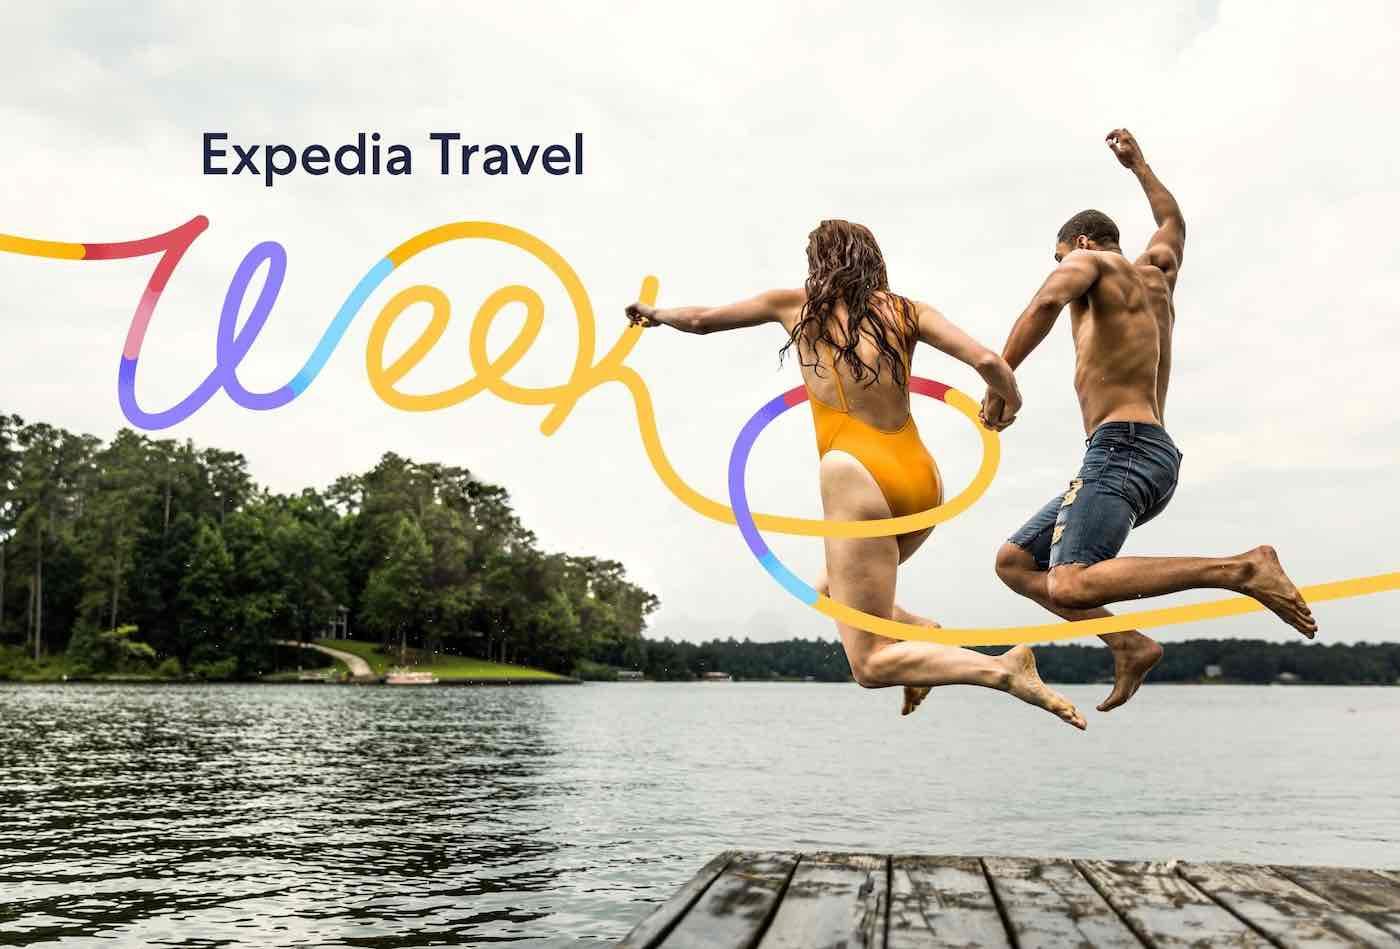 Expedia anuncia su primera Travel Week y empieza este 8 de junio